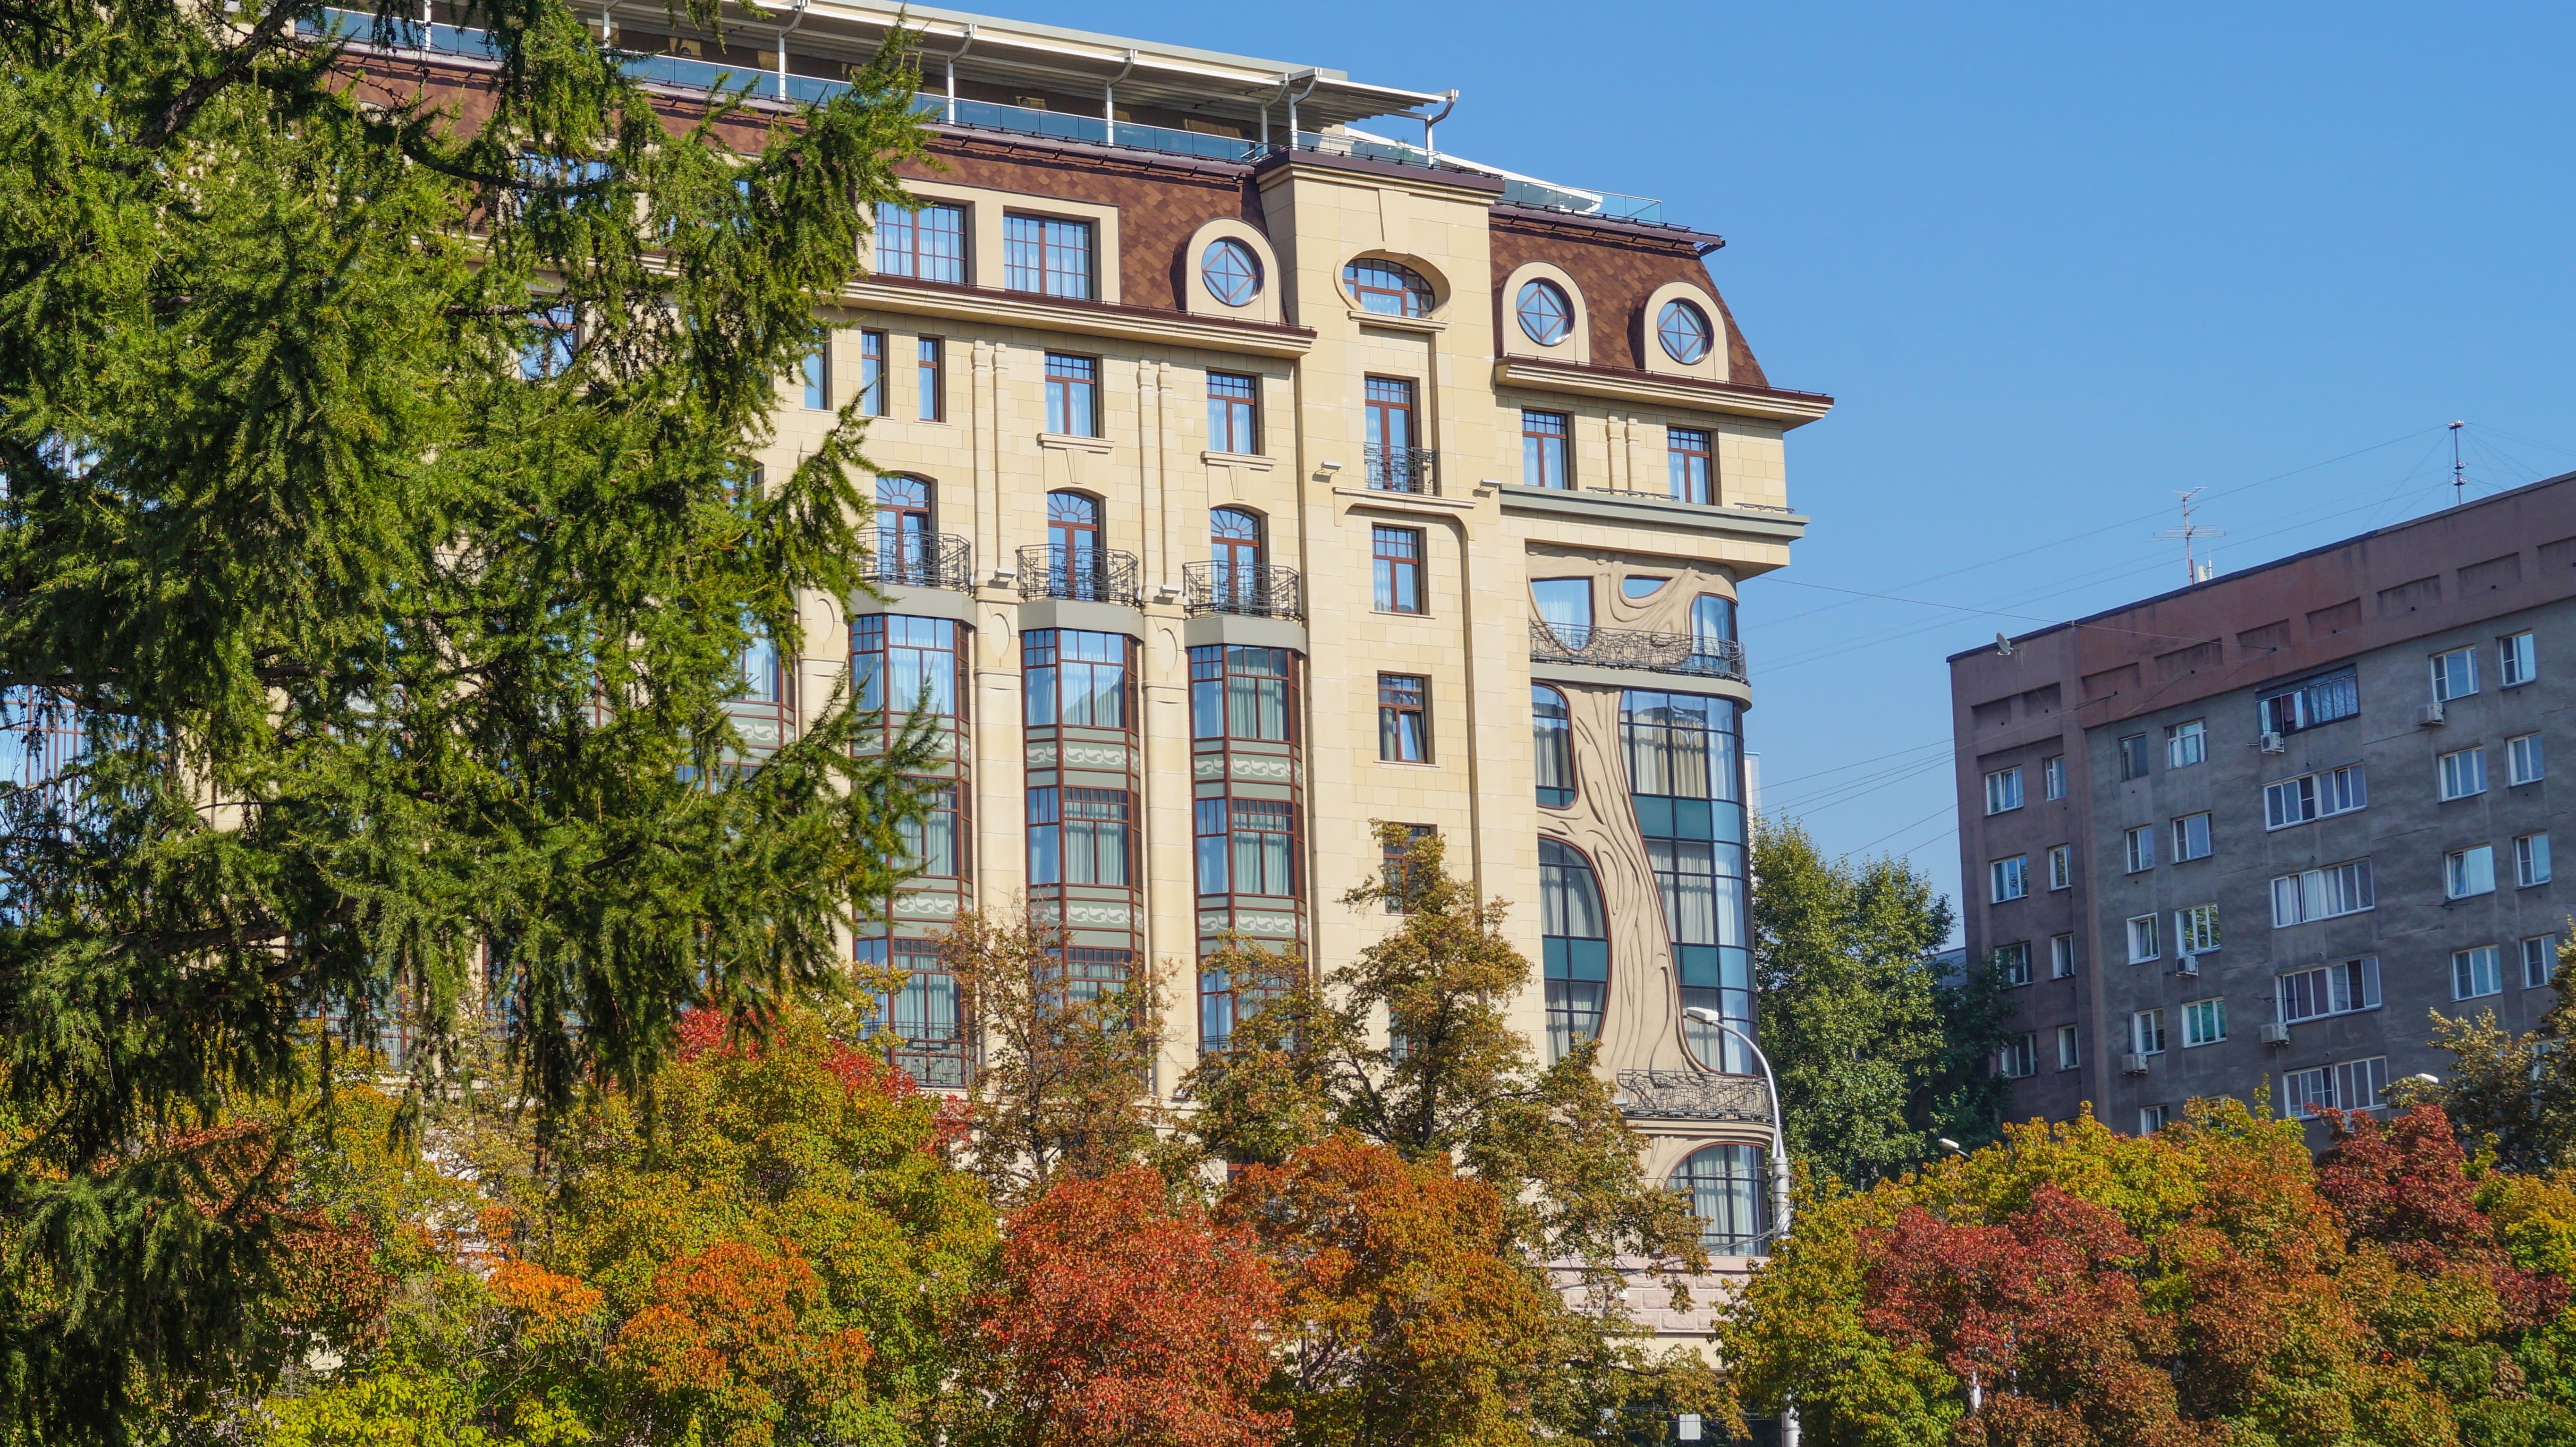 Отель Мариот. Новосибирск